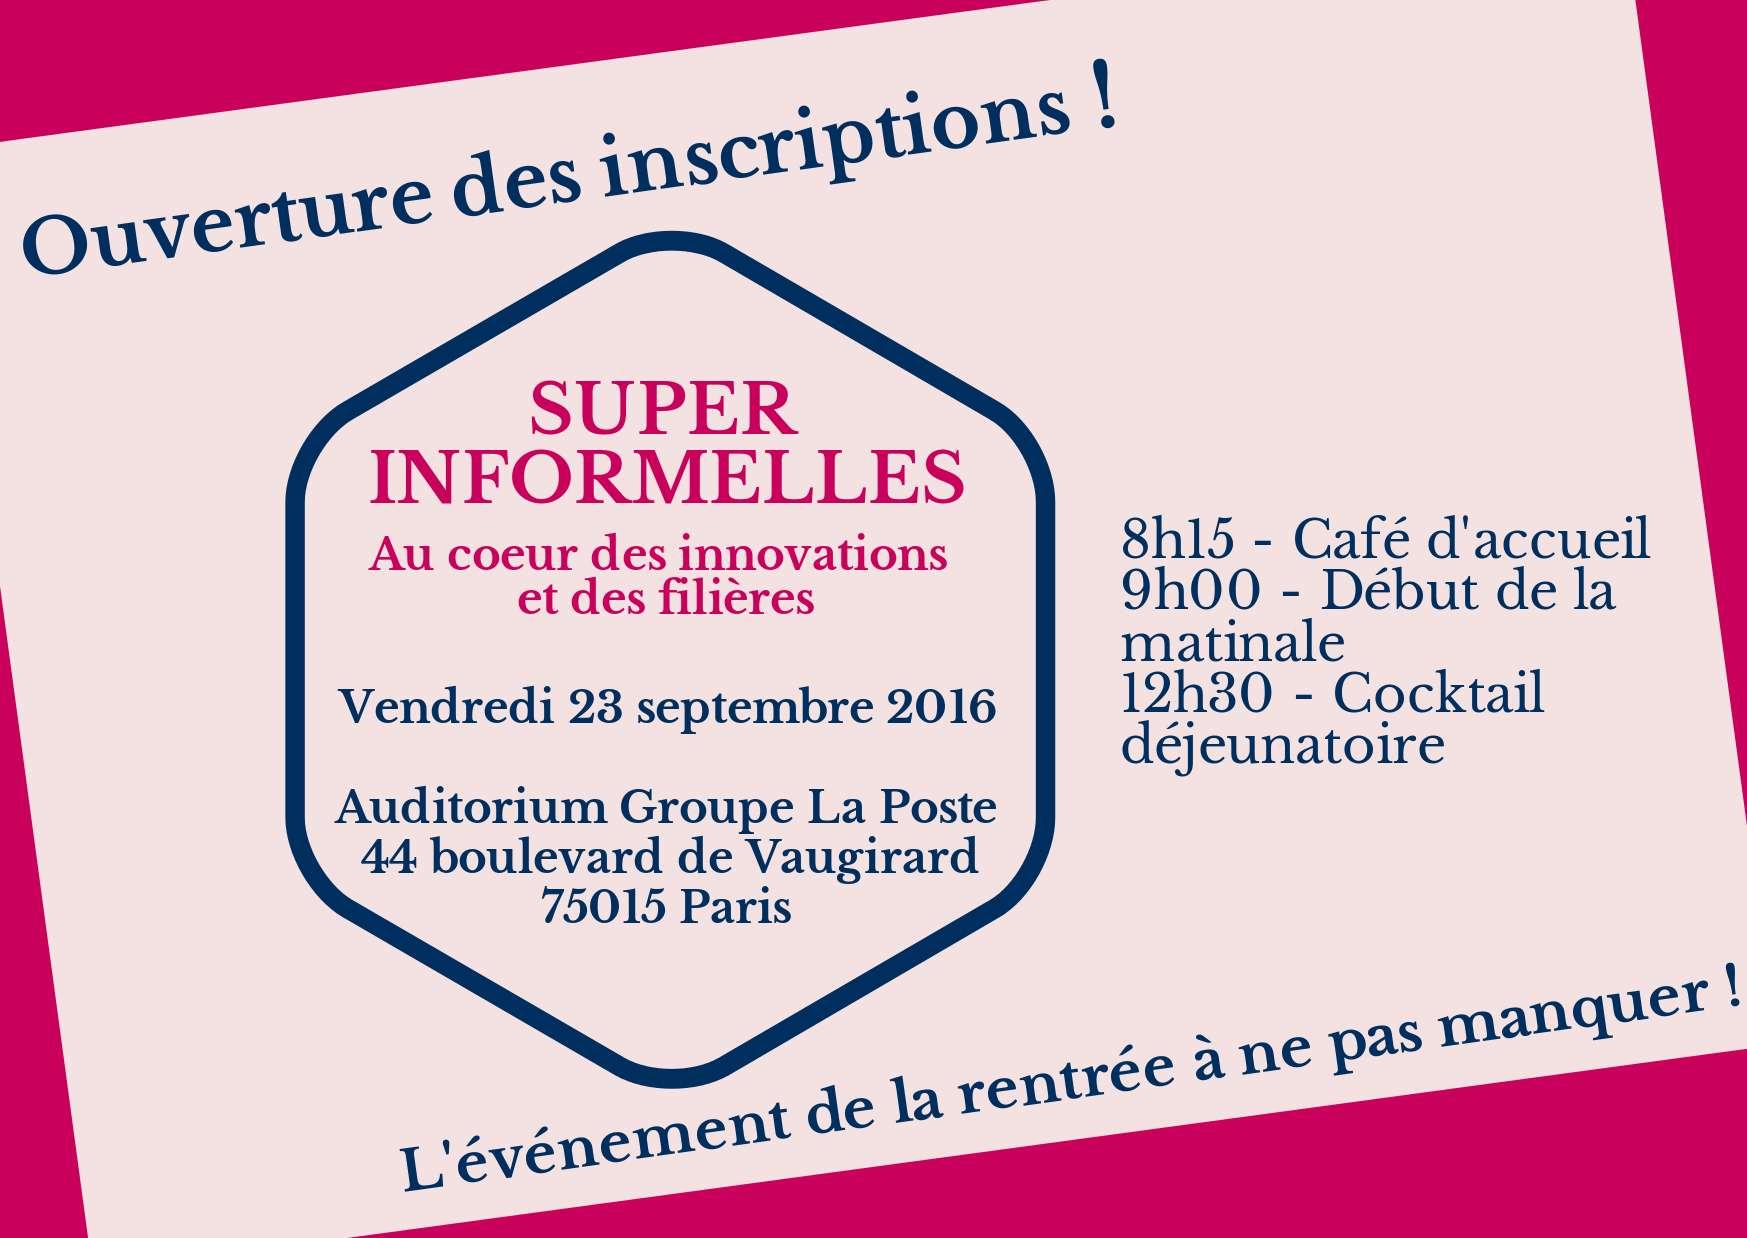 Ouverture des inscriptions pour les Super Informelles 2016 - 23 septembre 2016